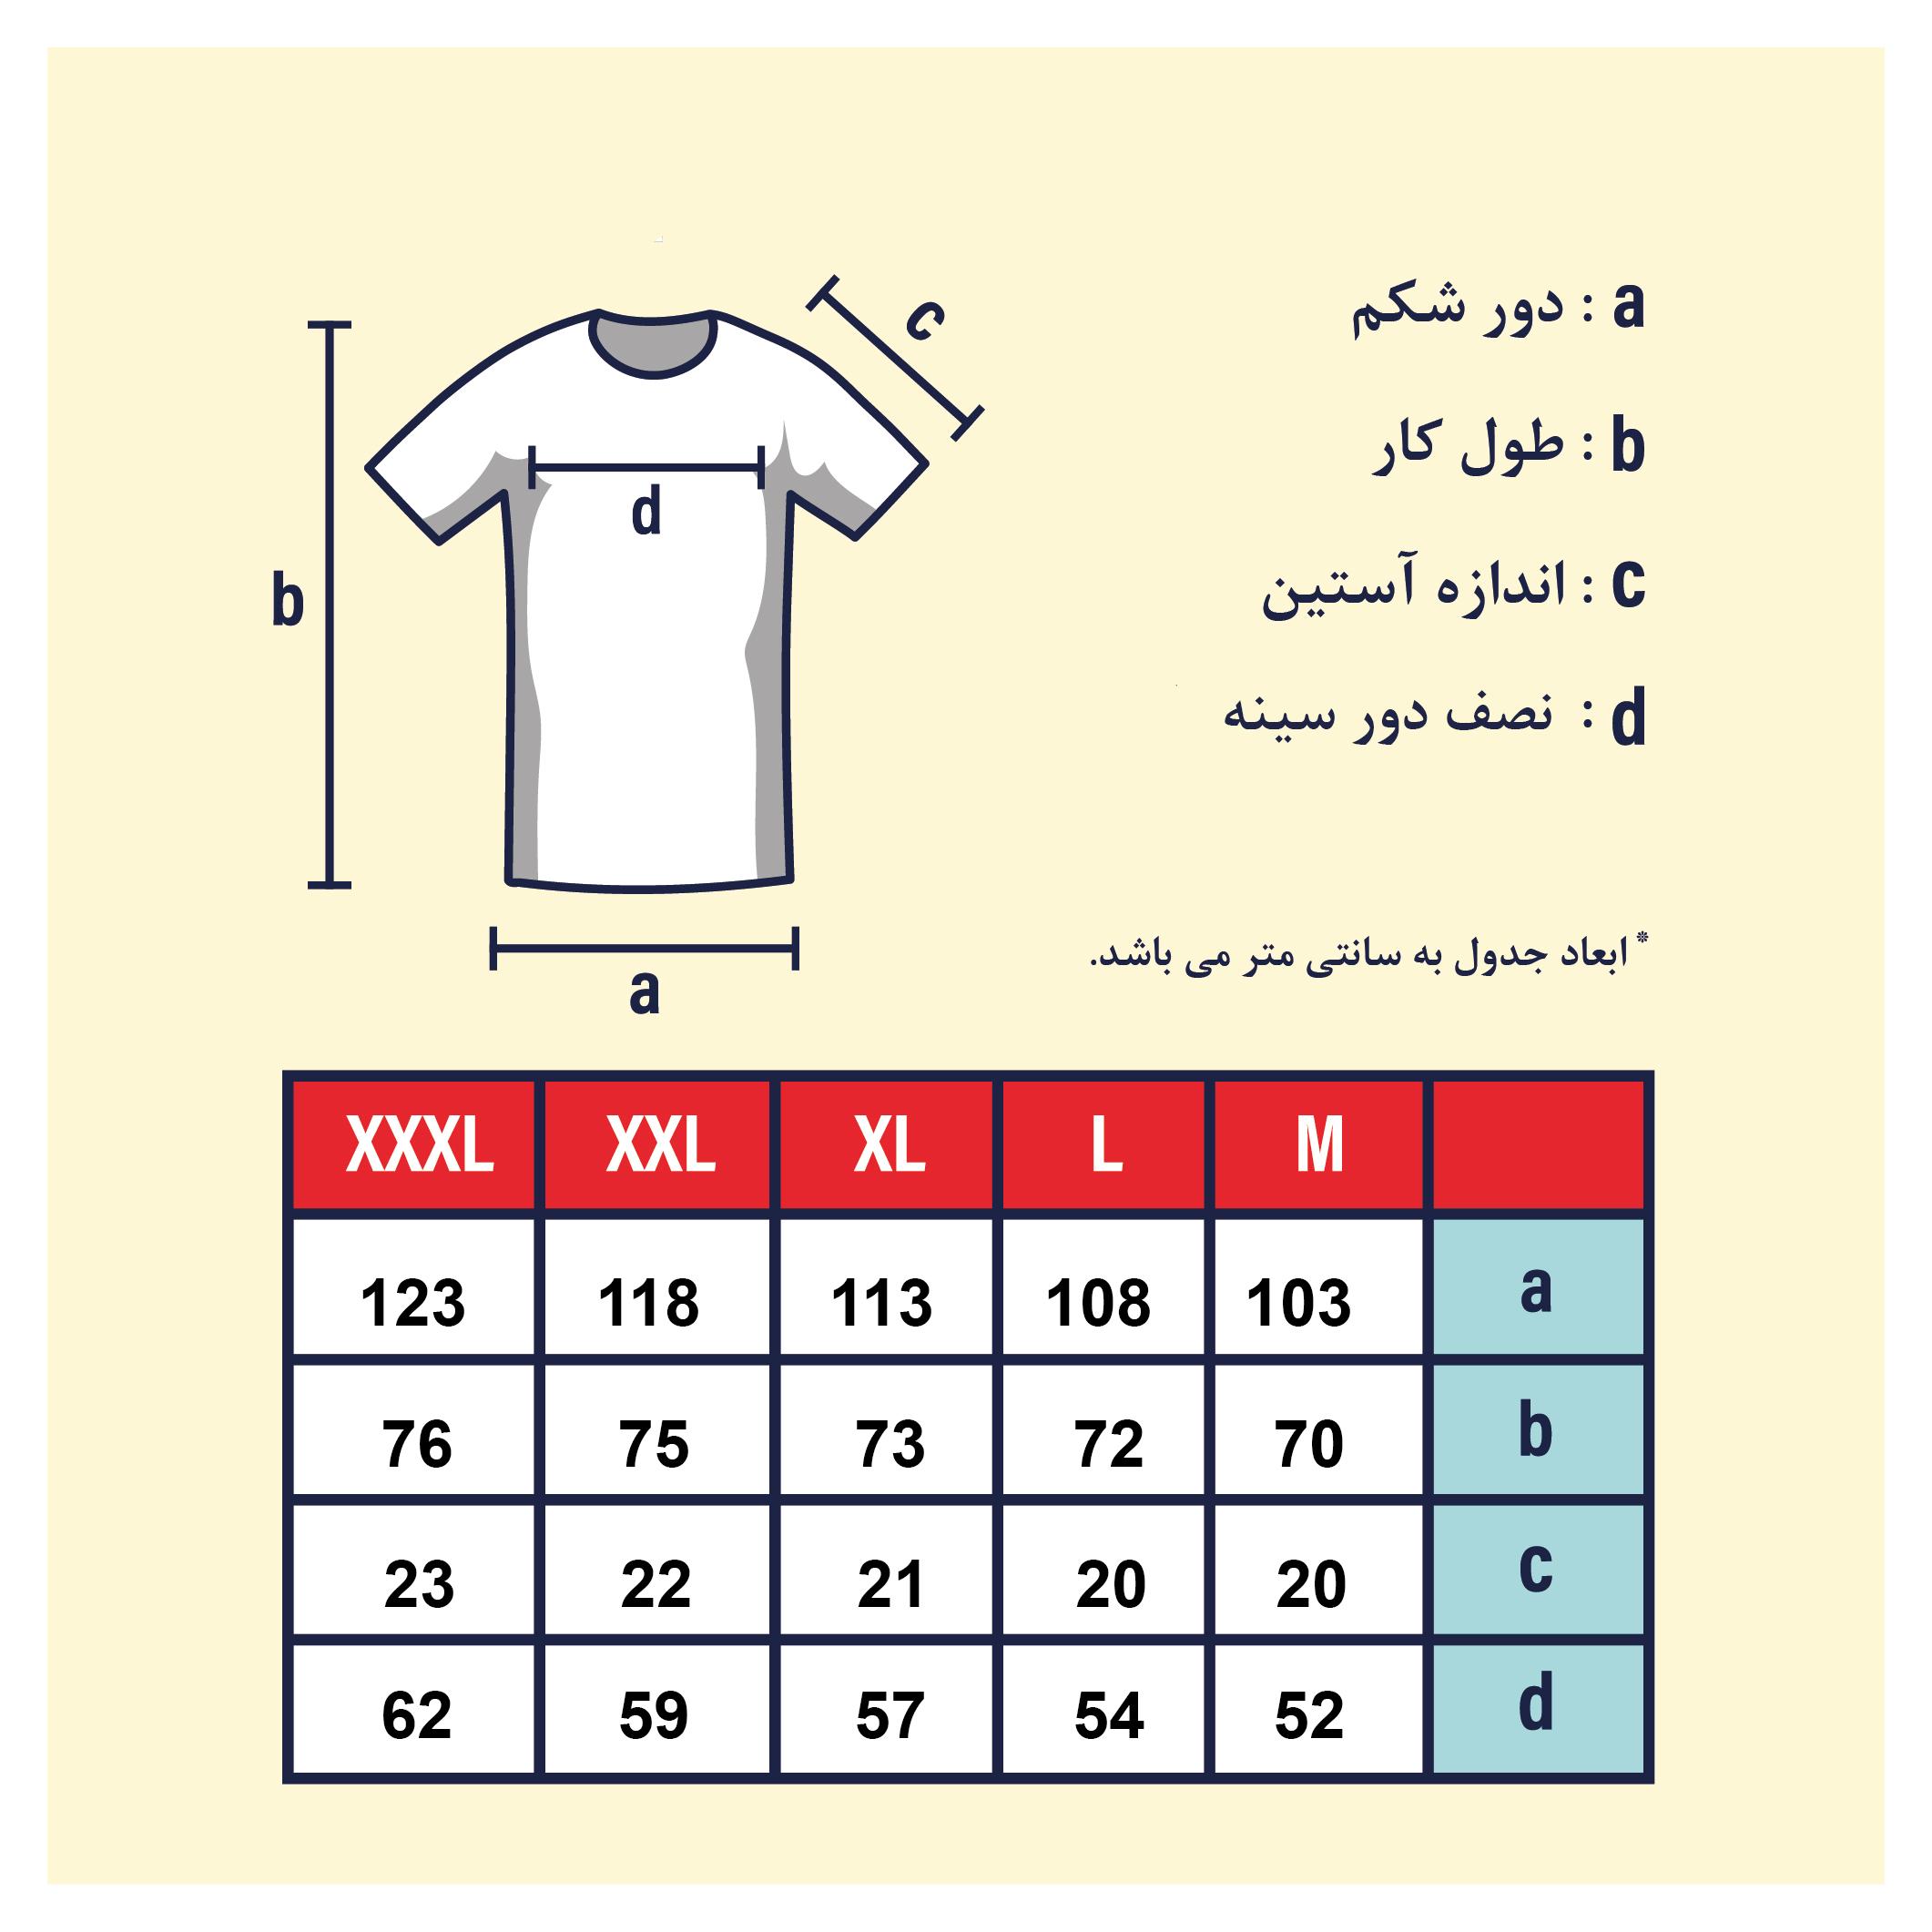 تی شرت مردانه پاتن جامه کد 99M5224 رنگ سفید -  - 6